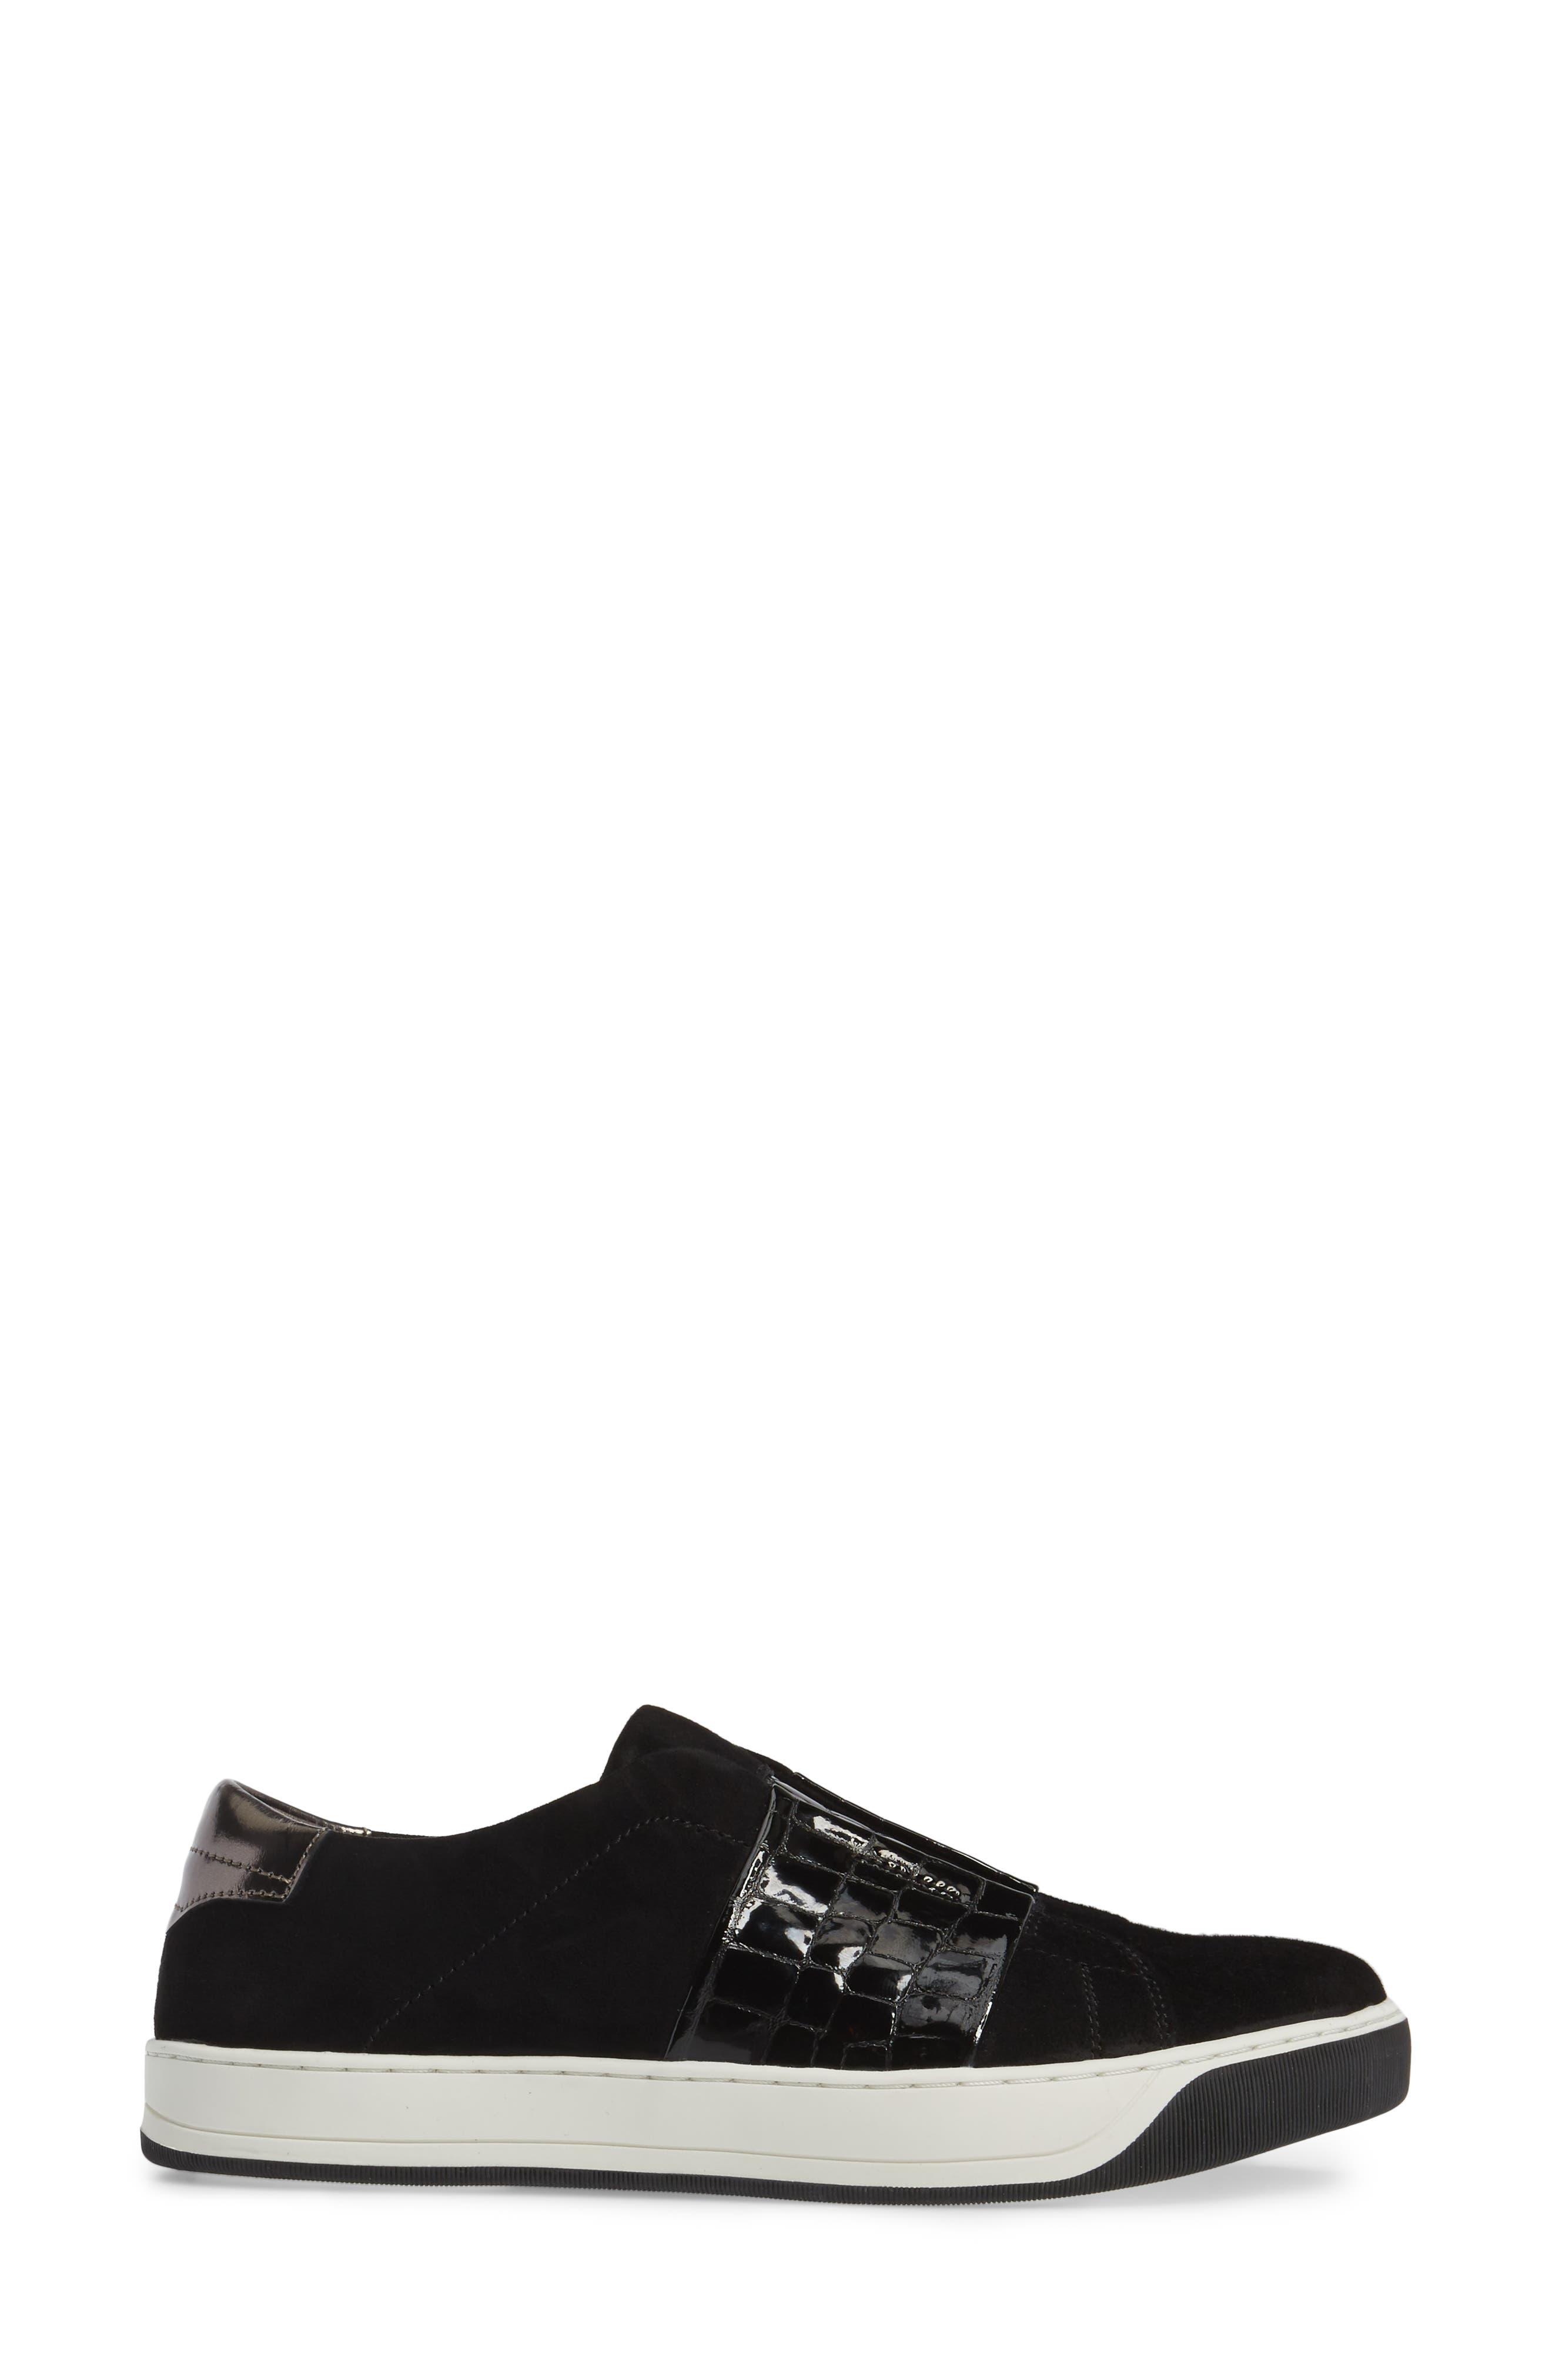 Eden Slip-On Sneaker,                             Alternate thumbnail 3, color,                             Black Suede